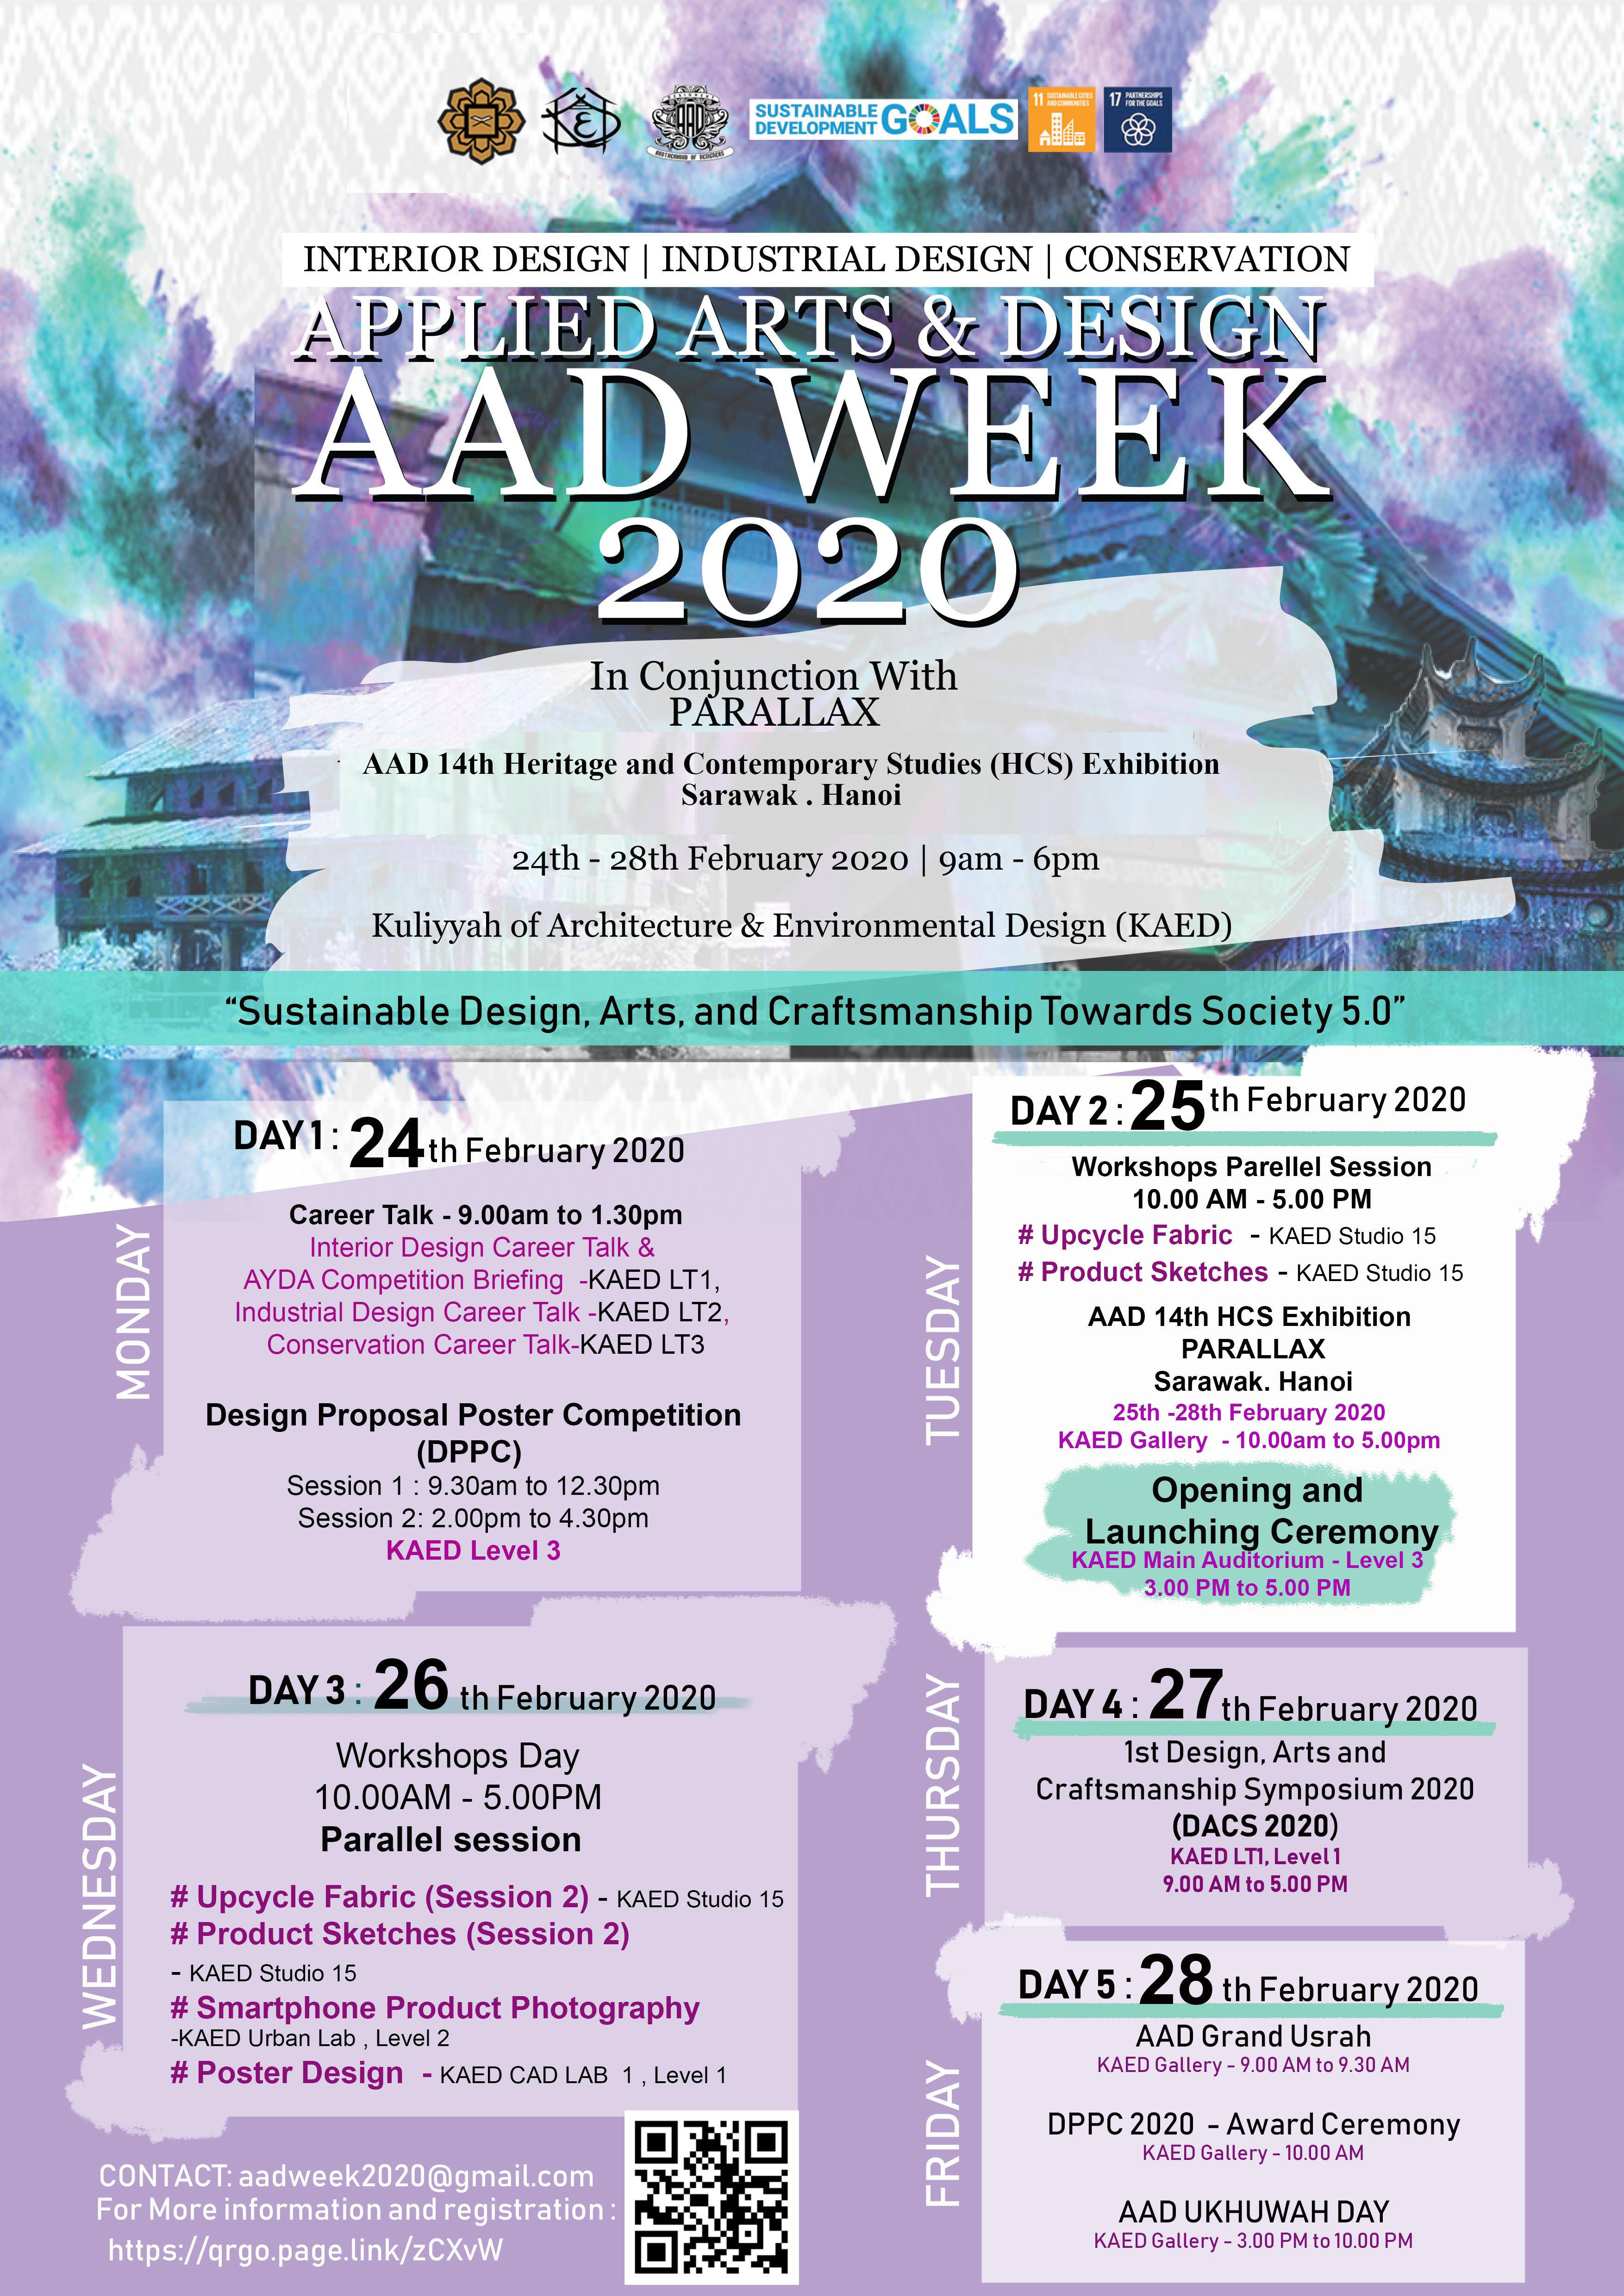 AAD Week 2020